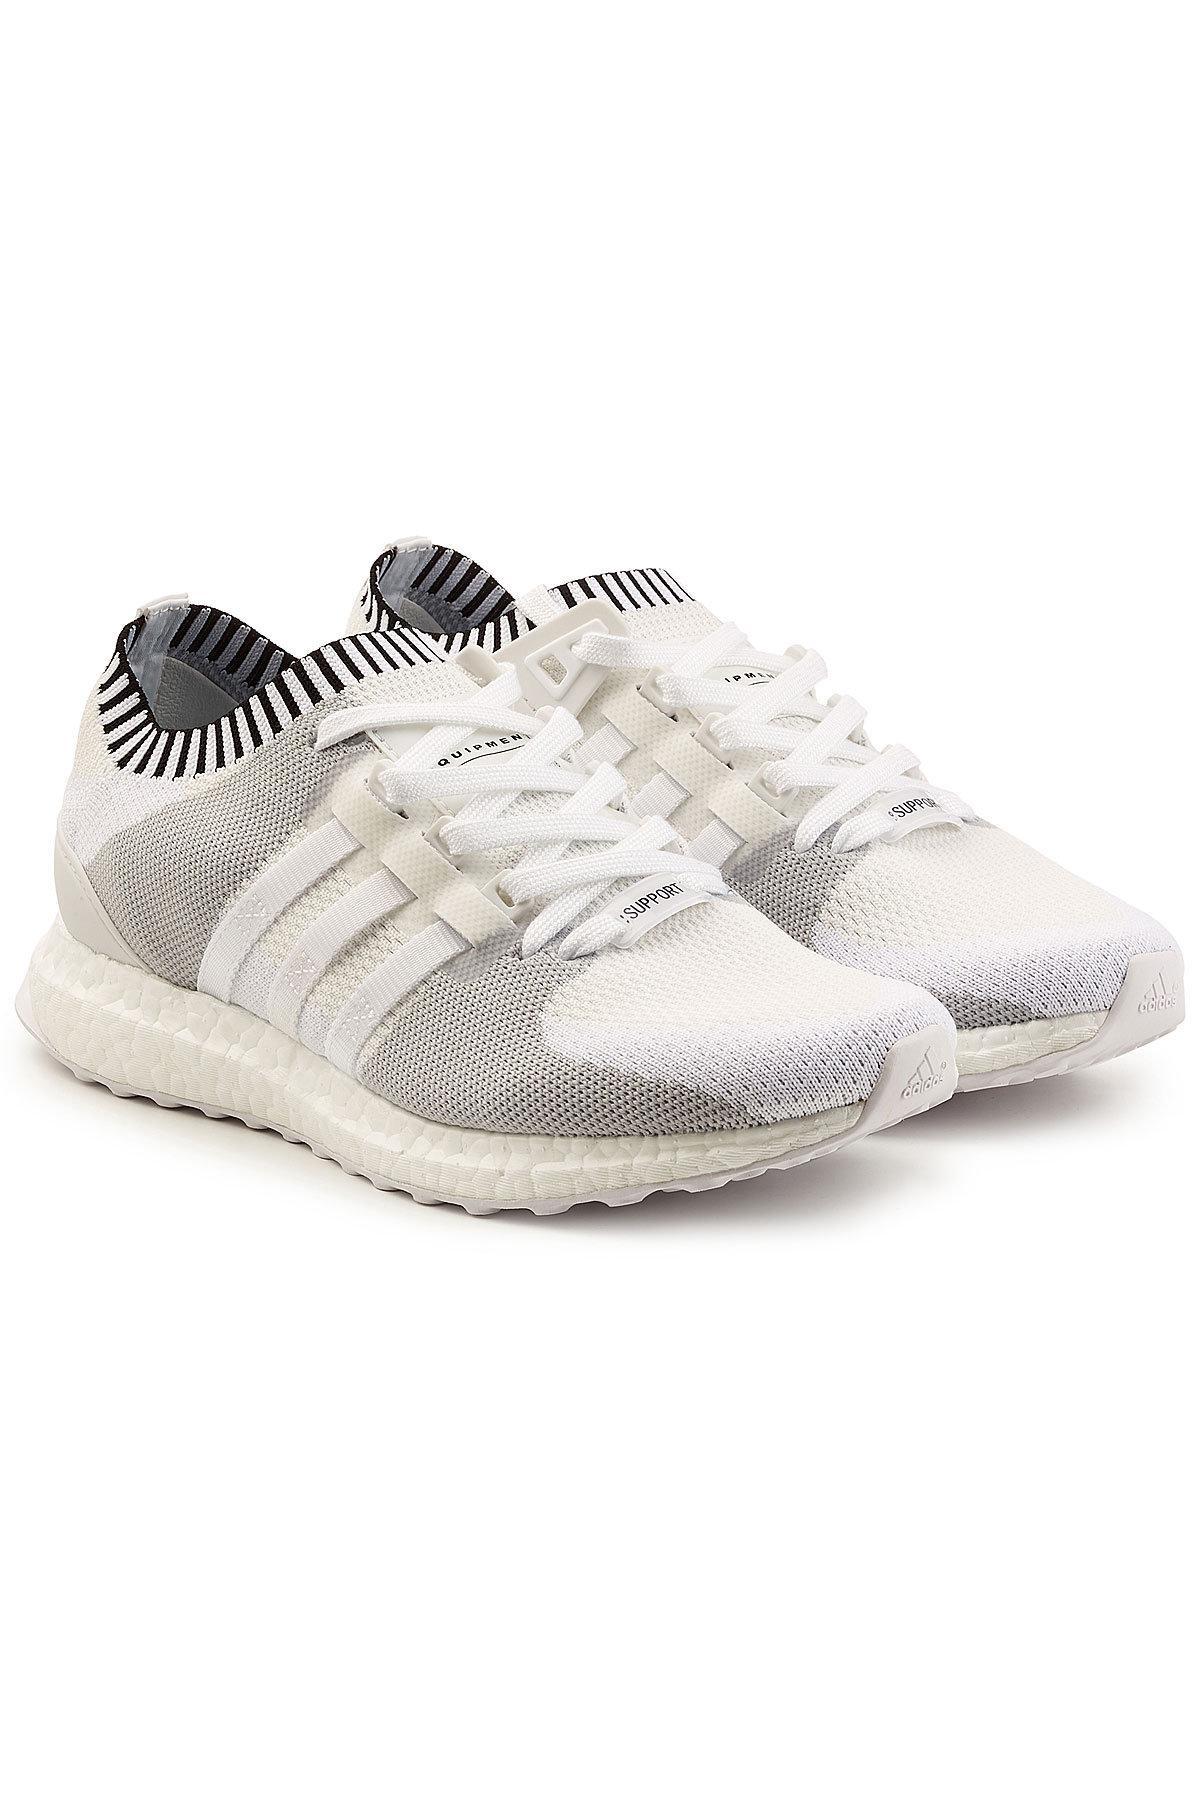 lyst adidas originali eqt sostegno ultra primeknit scarpe per gli uomini.